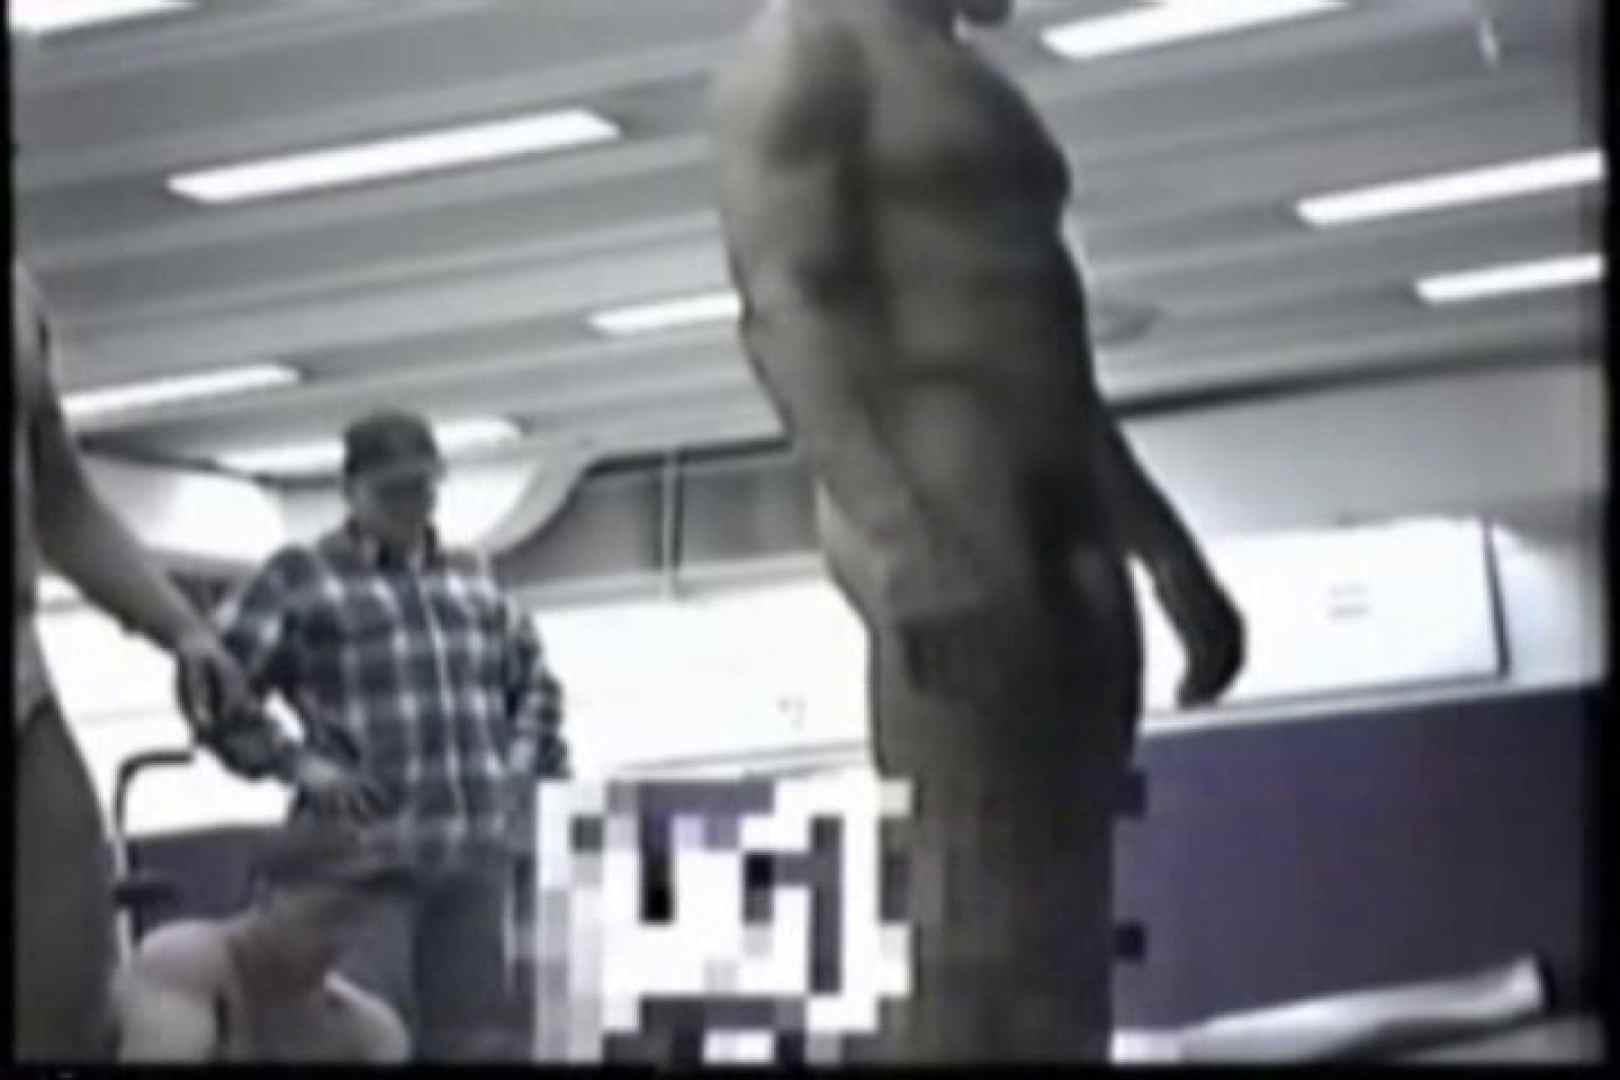 無修正セックス盗撮:洋人さんの脱衣所を覗いてみました。VOL.7:私服